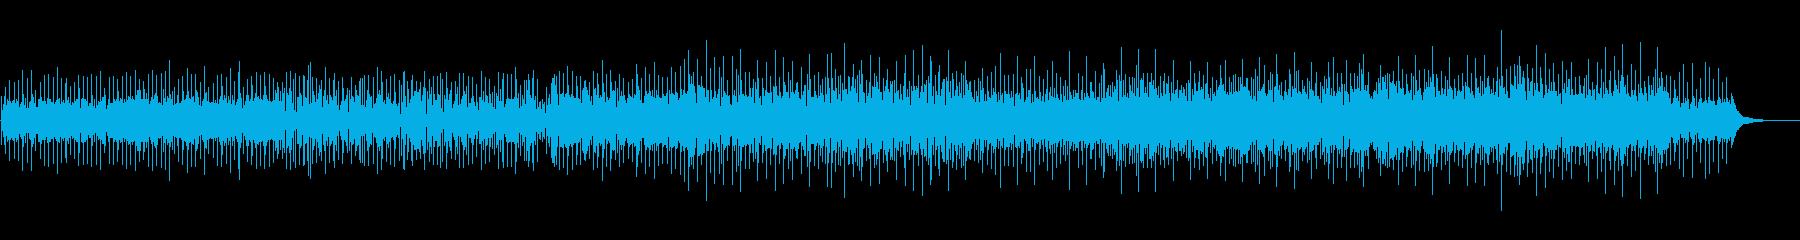 爽やか/カフェ/Youtube/キャンプの再生済みの波形